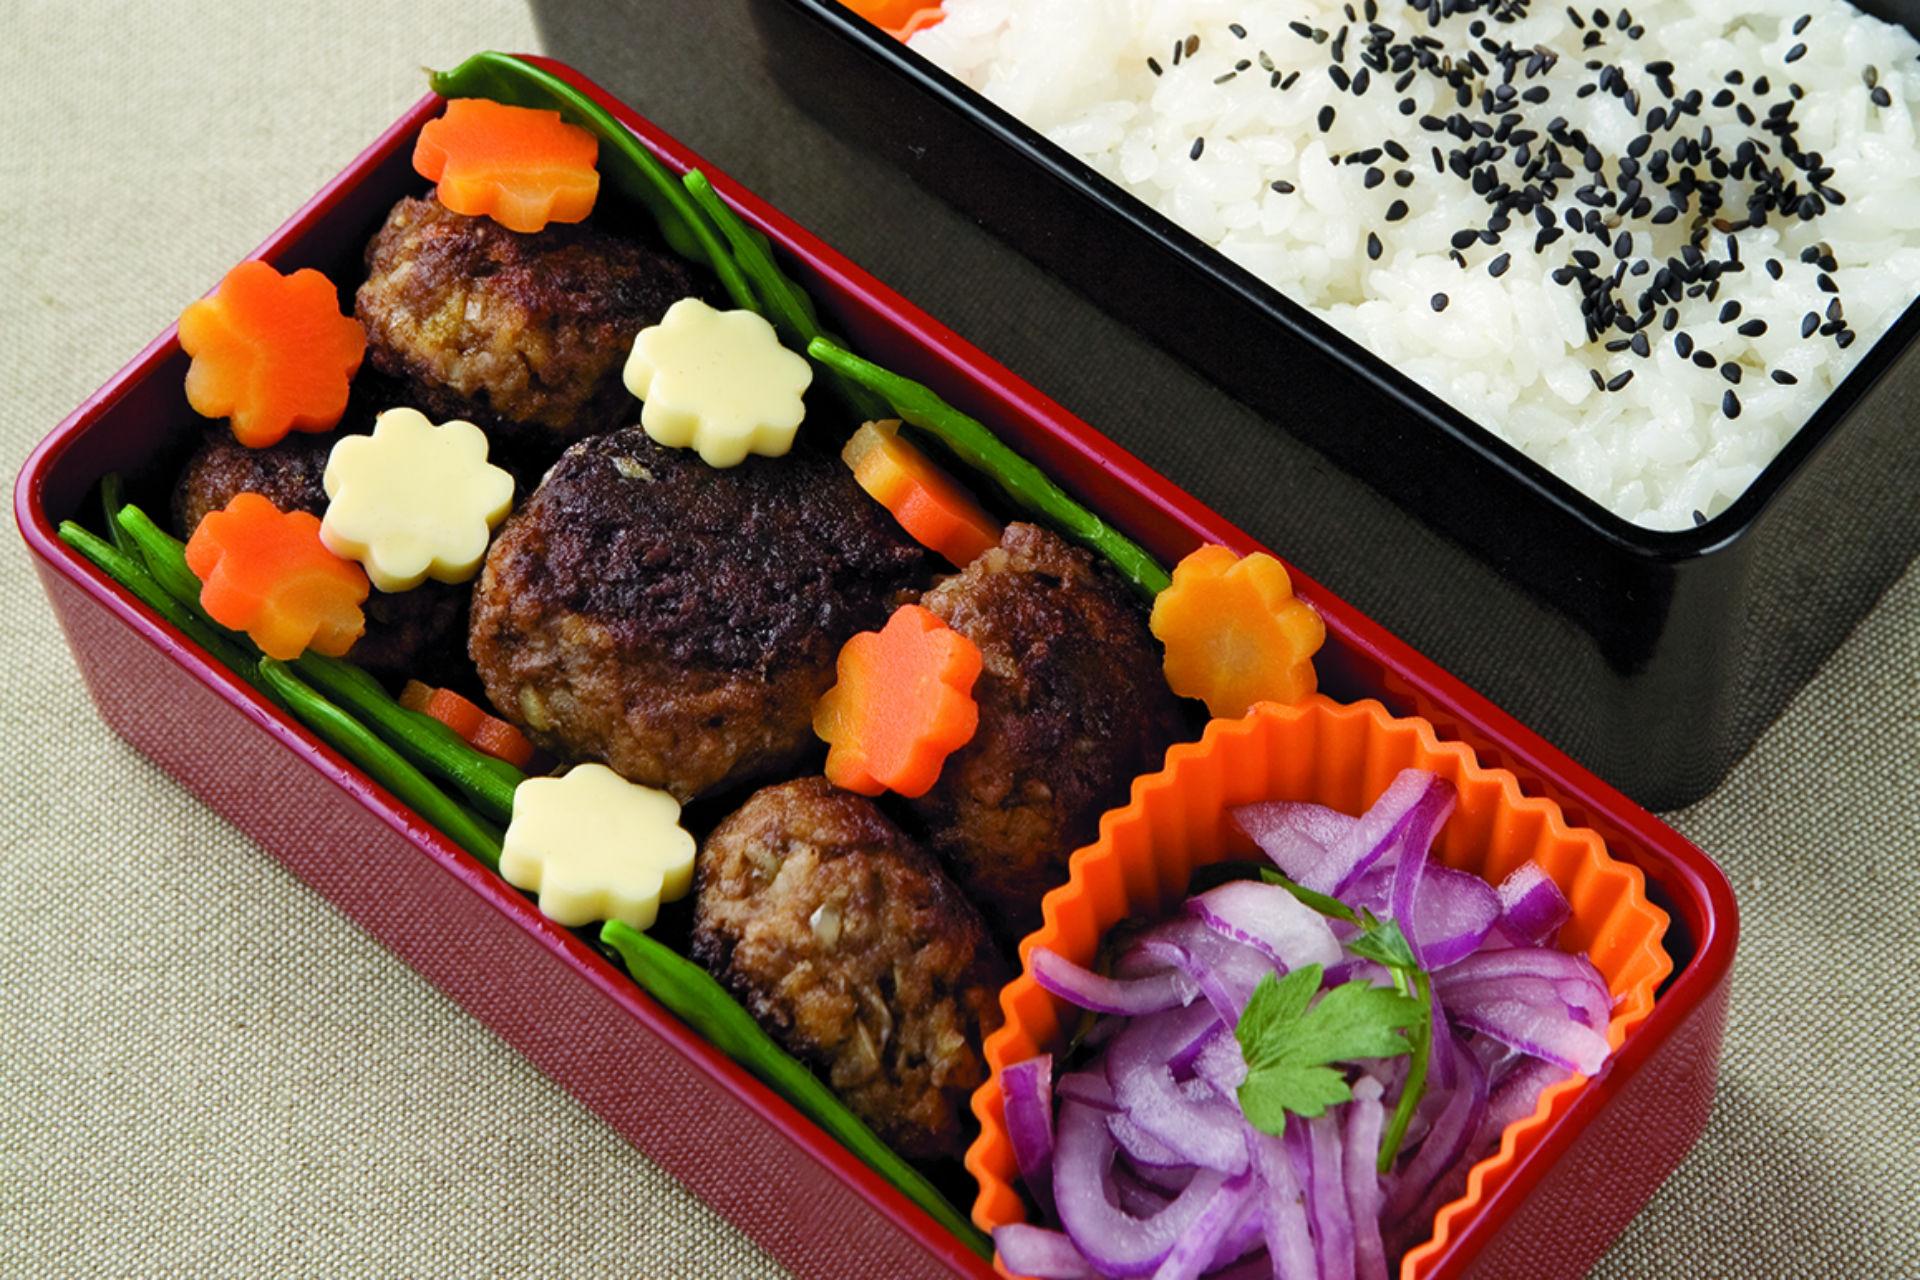 Bento box with mini hamburgers, veggies and rice